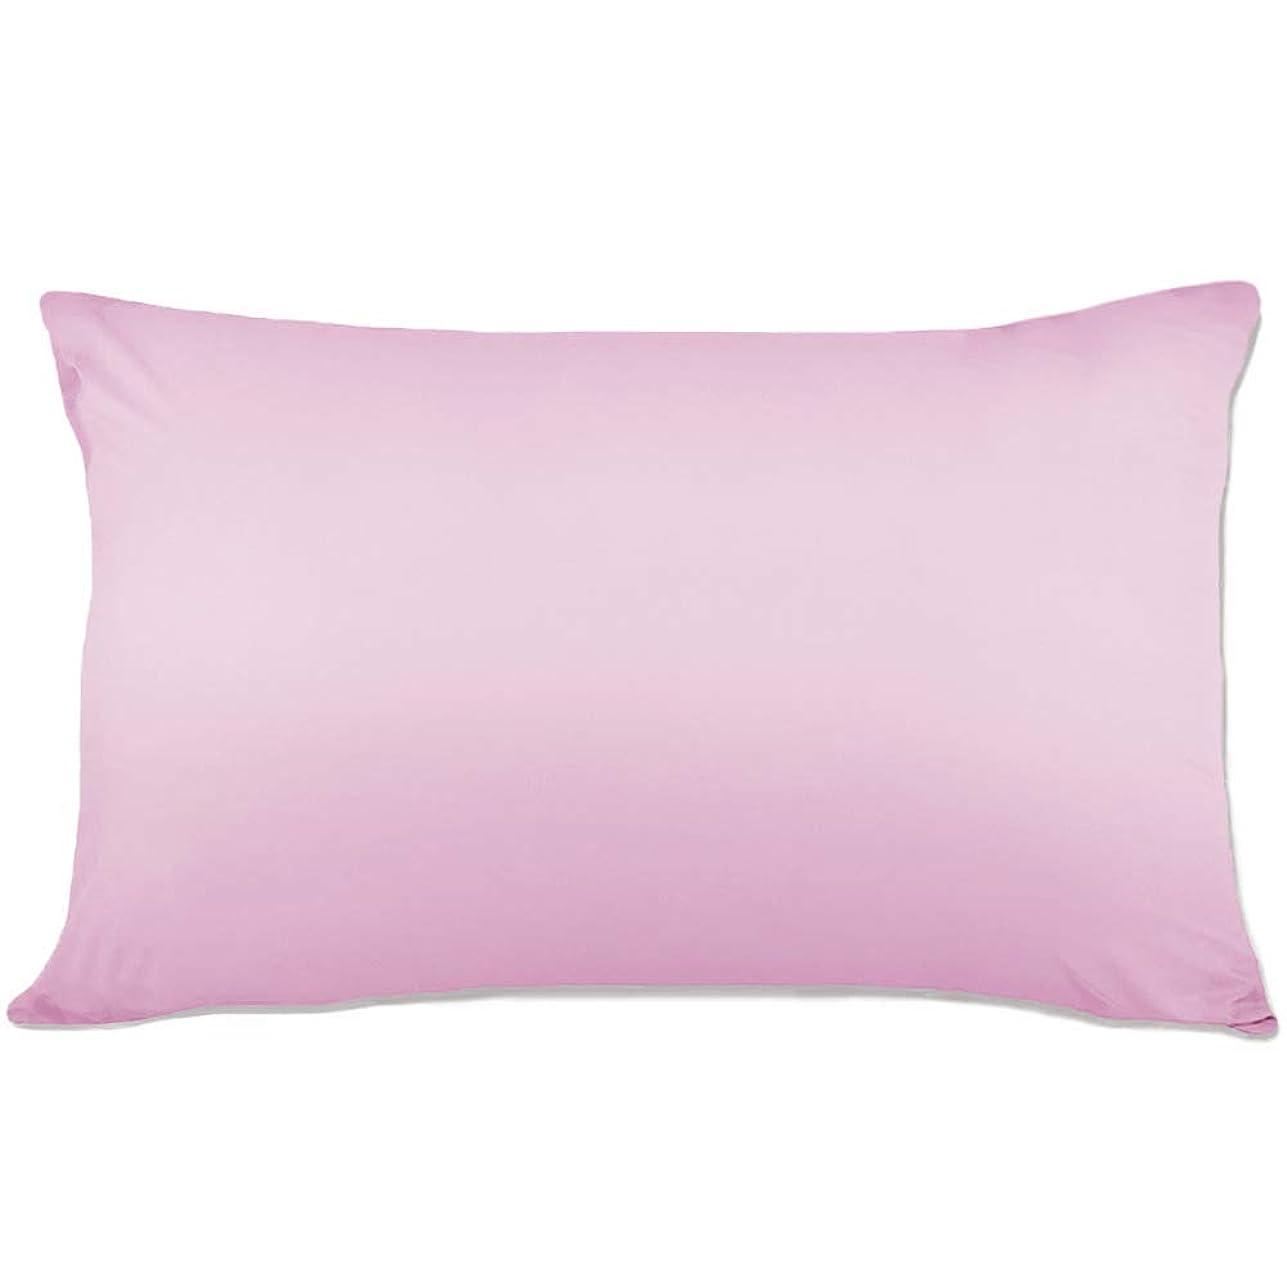 あえて爵巨大枕カバー ピローケース 枕タオル 高級棉100% 光沢がある 色褪せない 高密度 防ダニ 抗菌 防臭 43x63cm (グレー 43x63cm),ピンク,43x63cm